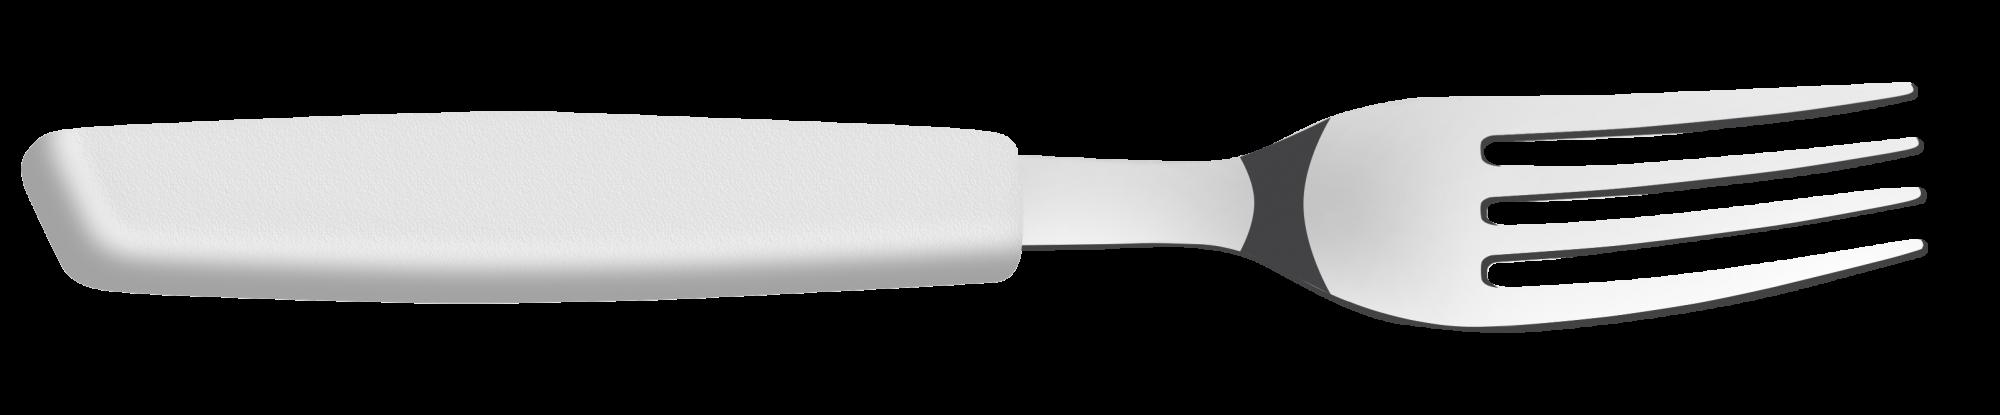 CONJUNTO Garfo Mesa Gpurmet Mix Plástico BRANCO - 12 Unidades